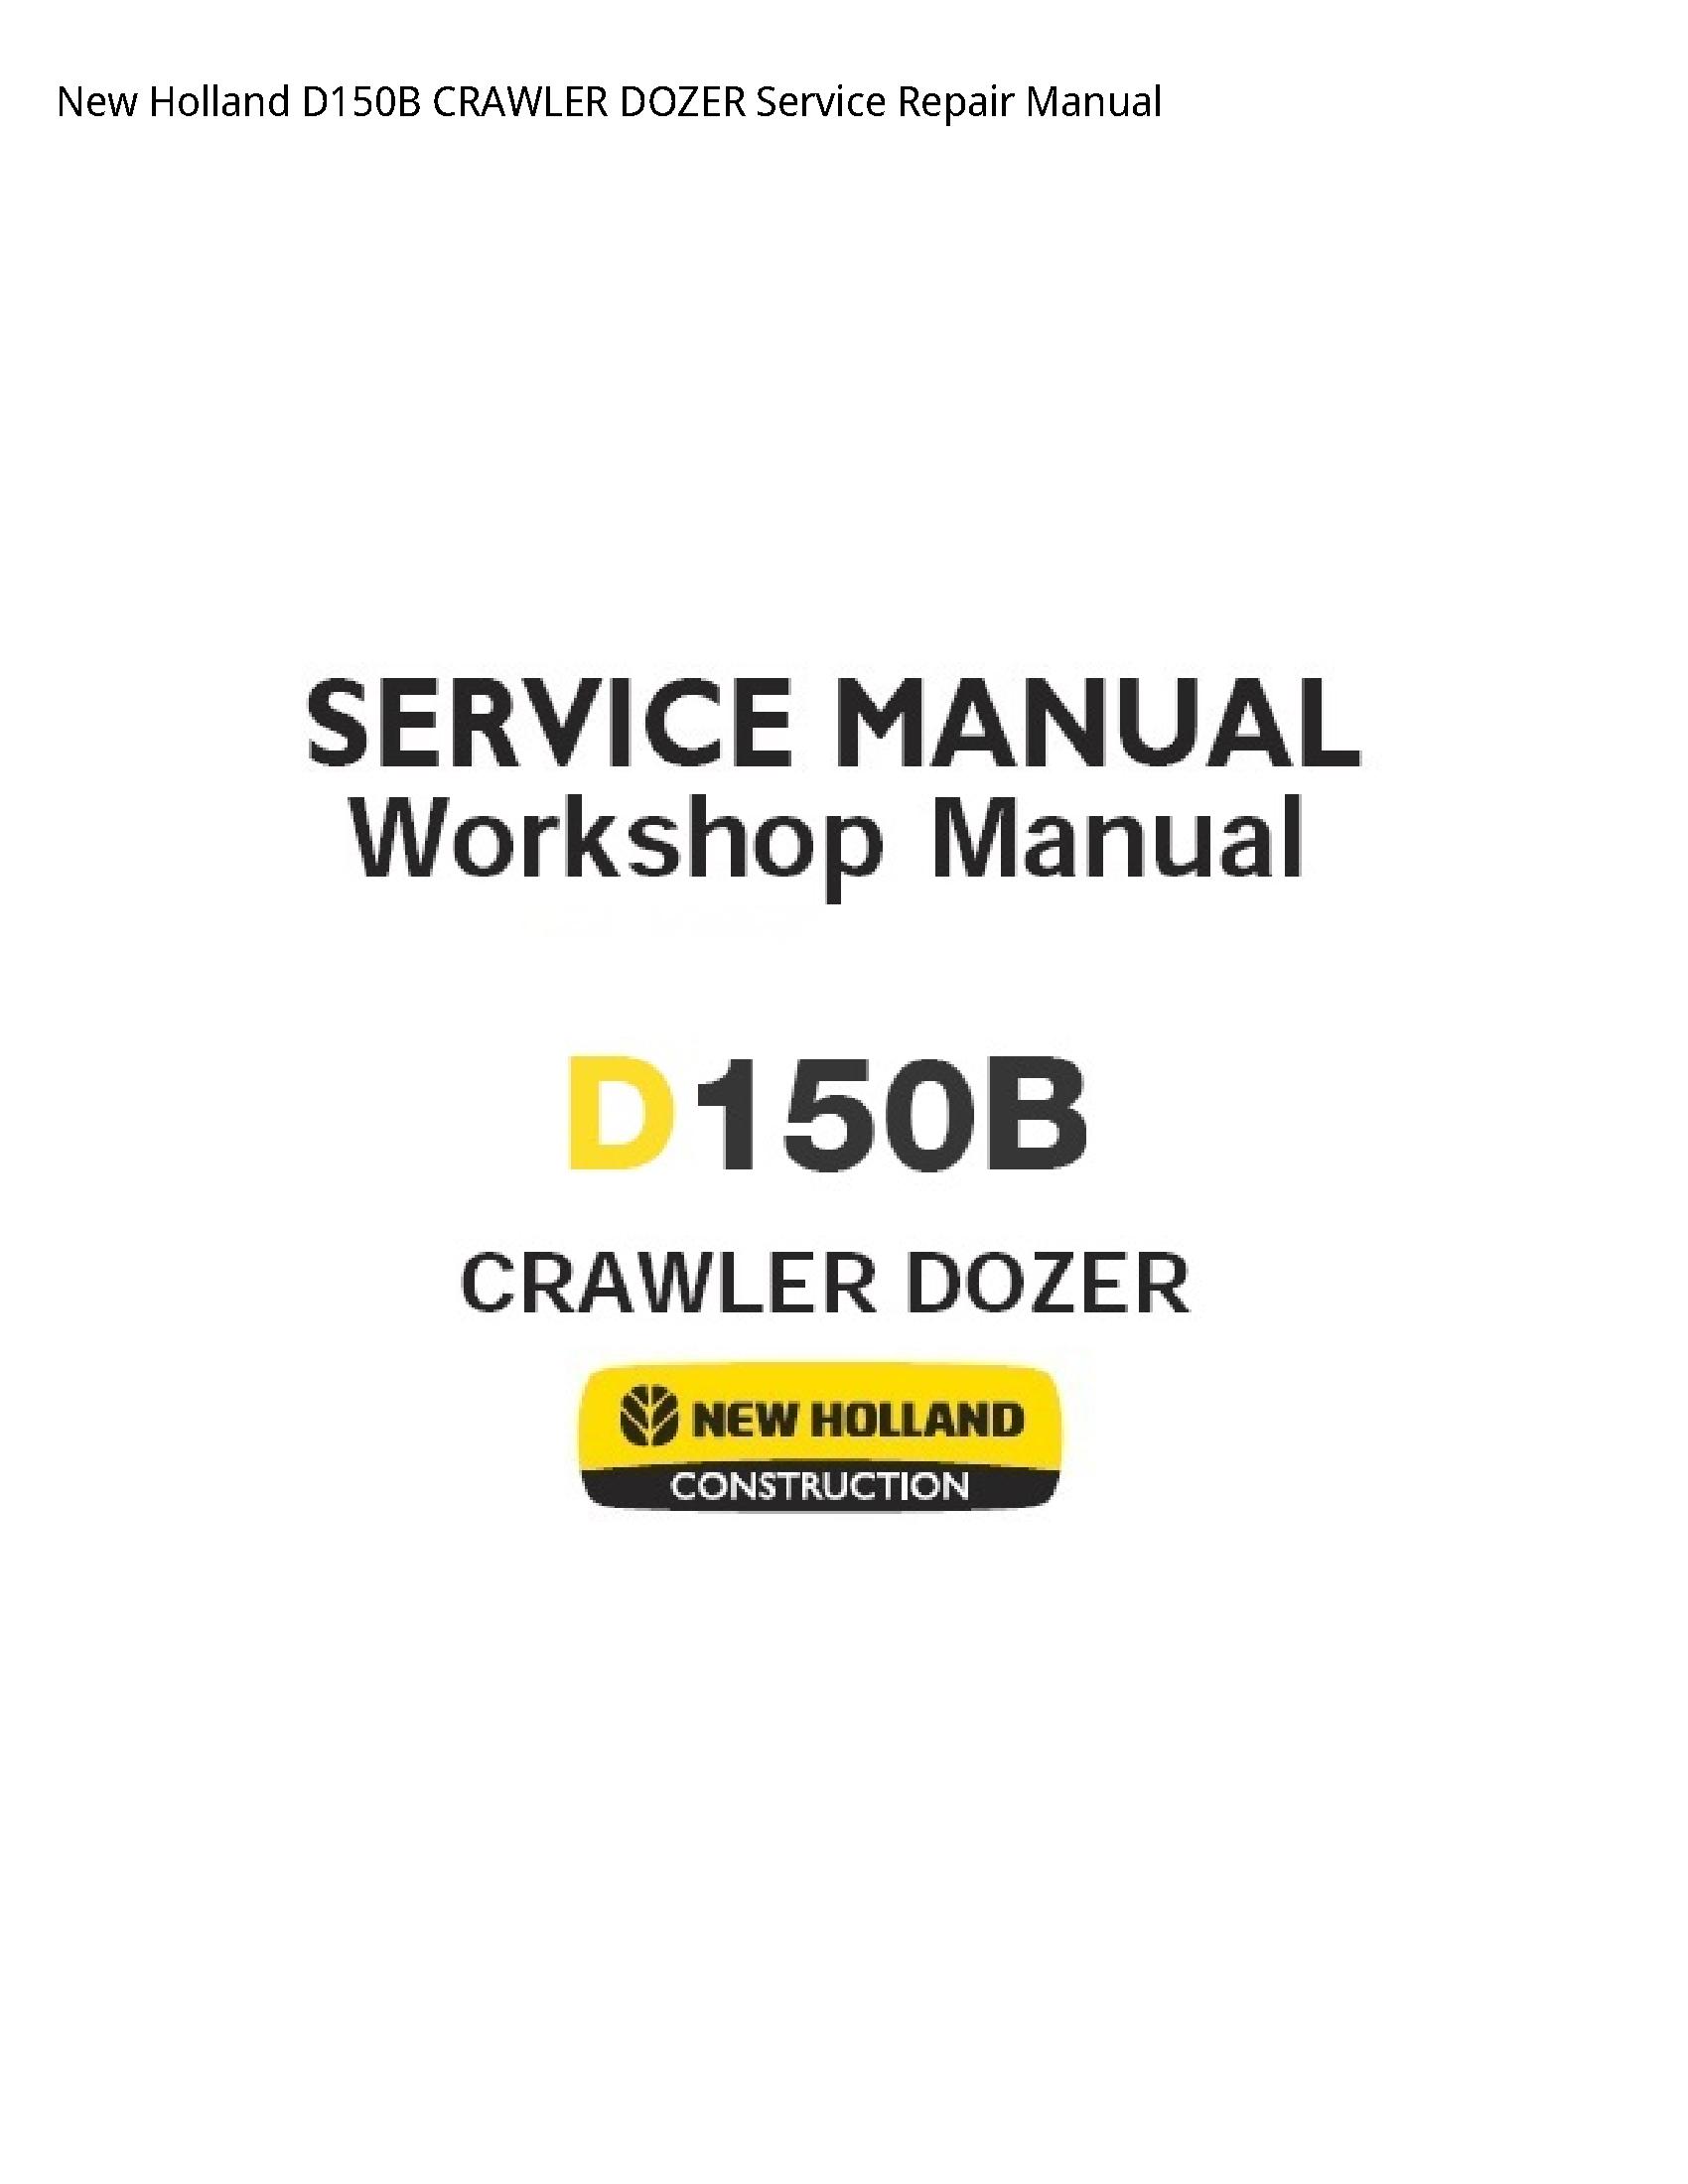 New Holland D150B CRAWLER DOZER manual